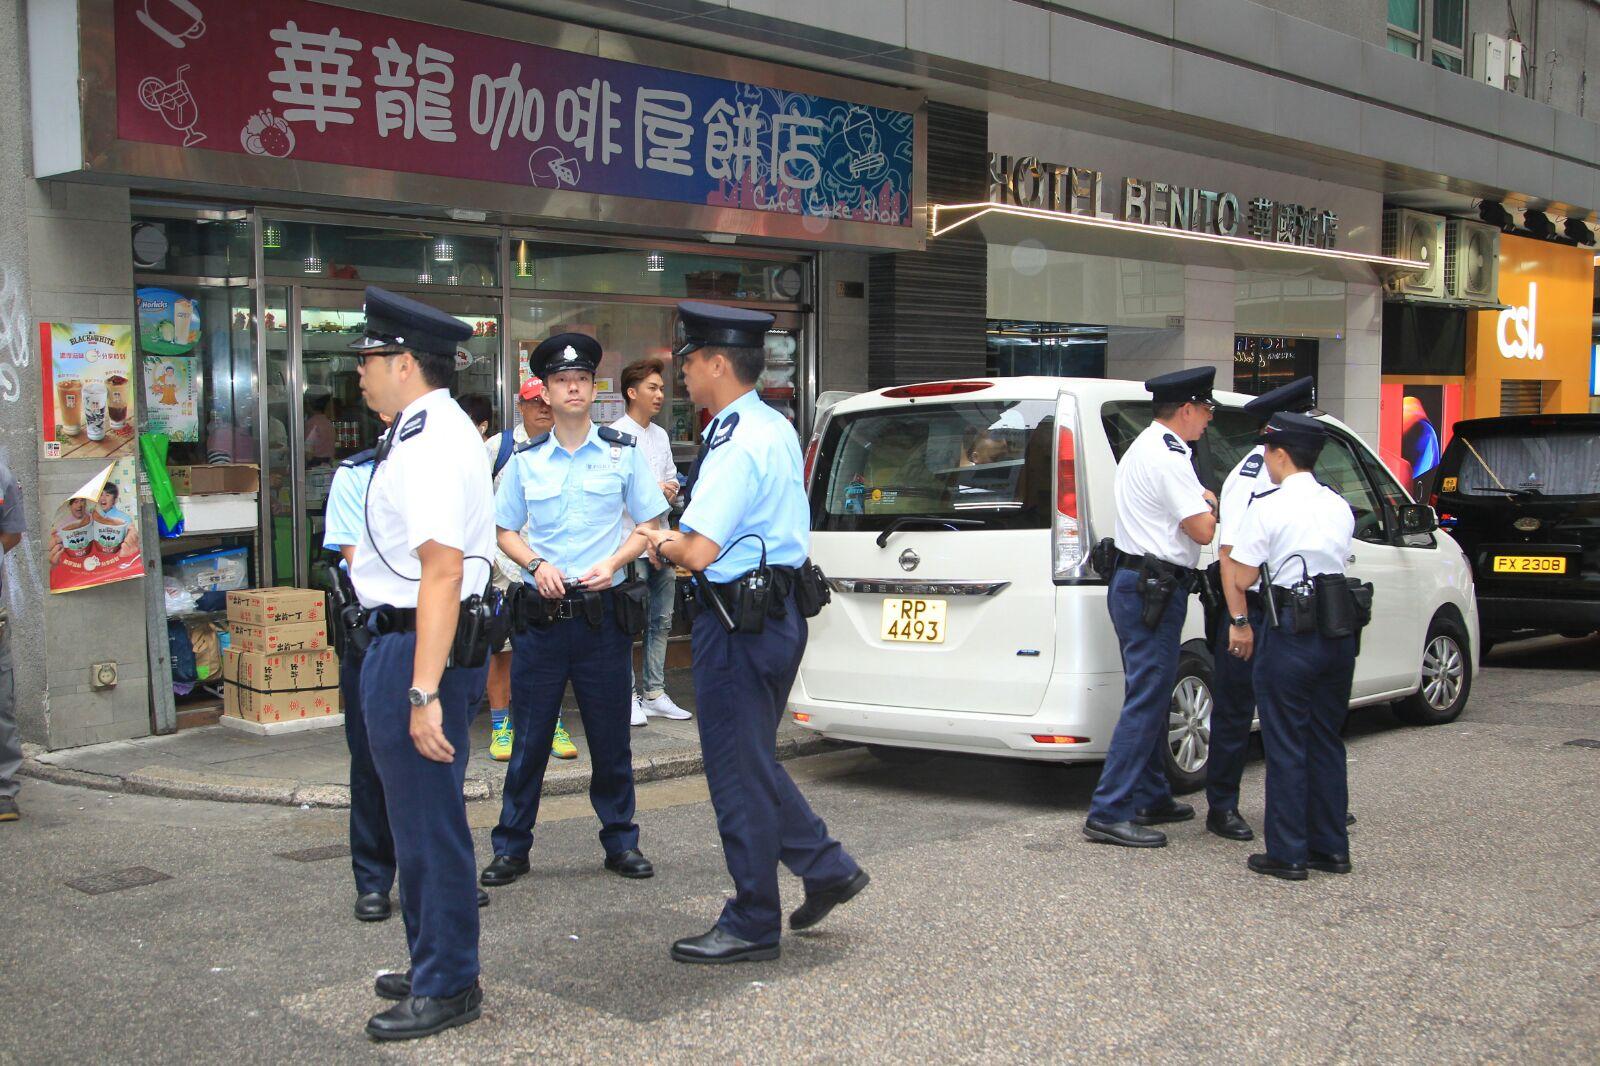 警員到場維持秩序。